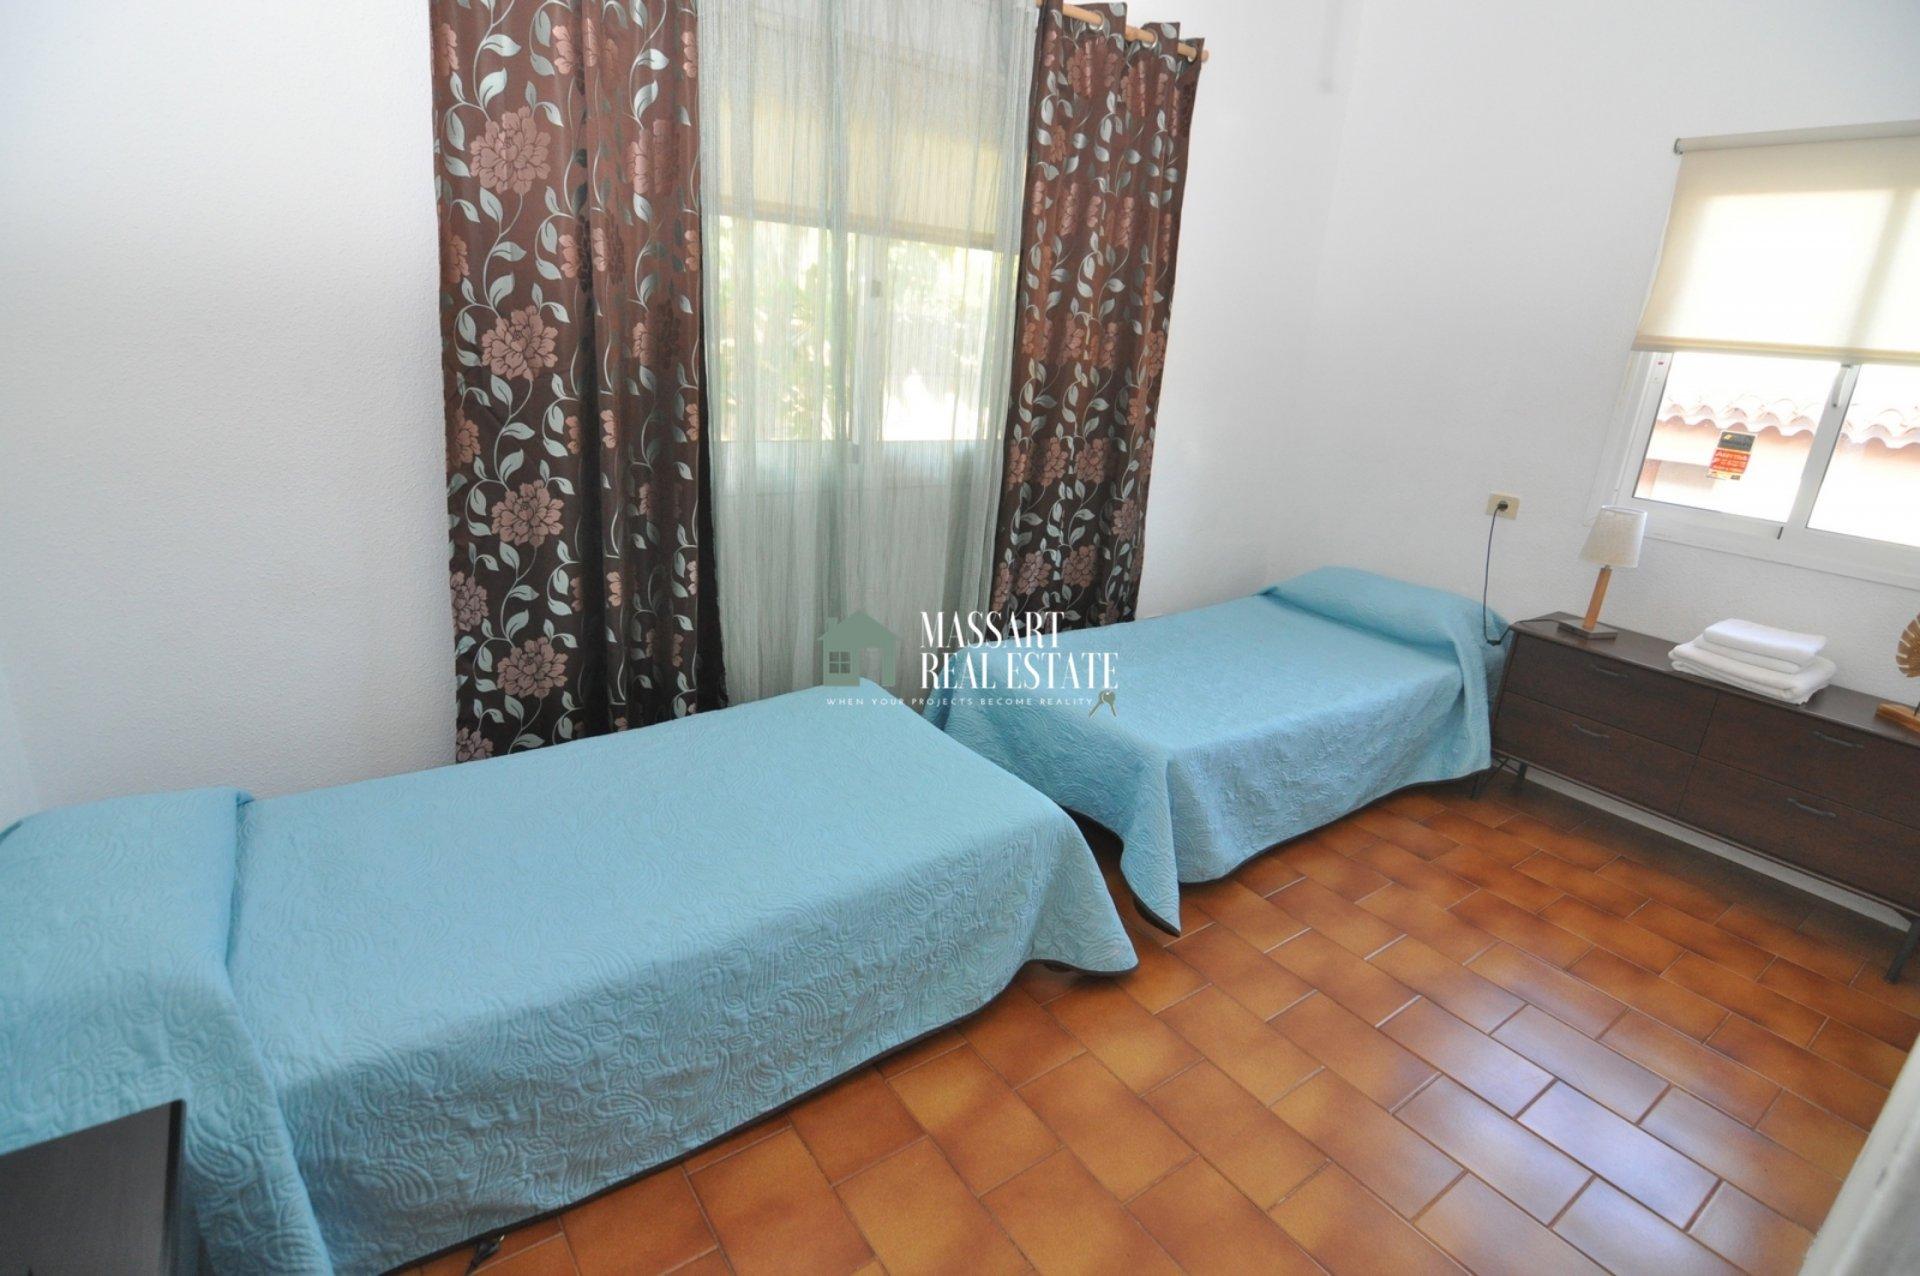 Villa située sur un terrain de 560 m2 à Costa del Silencio, dans le complexe résidentiel El Trébol ... grand potentiel d'exploitation touristique!